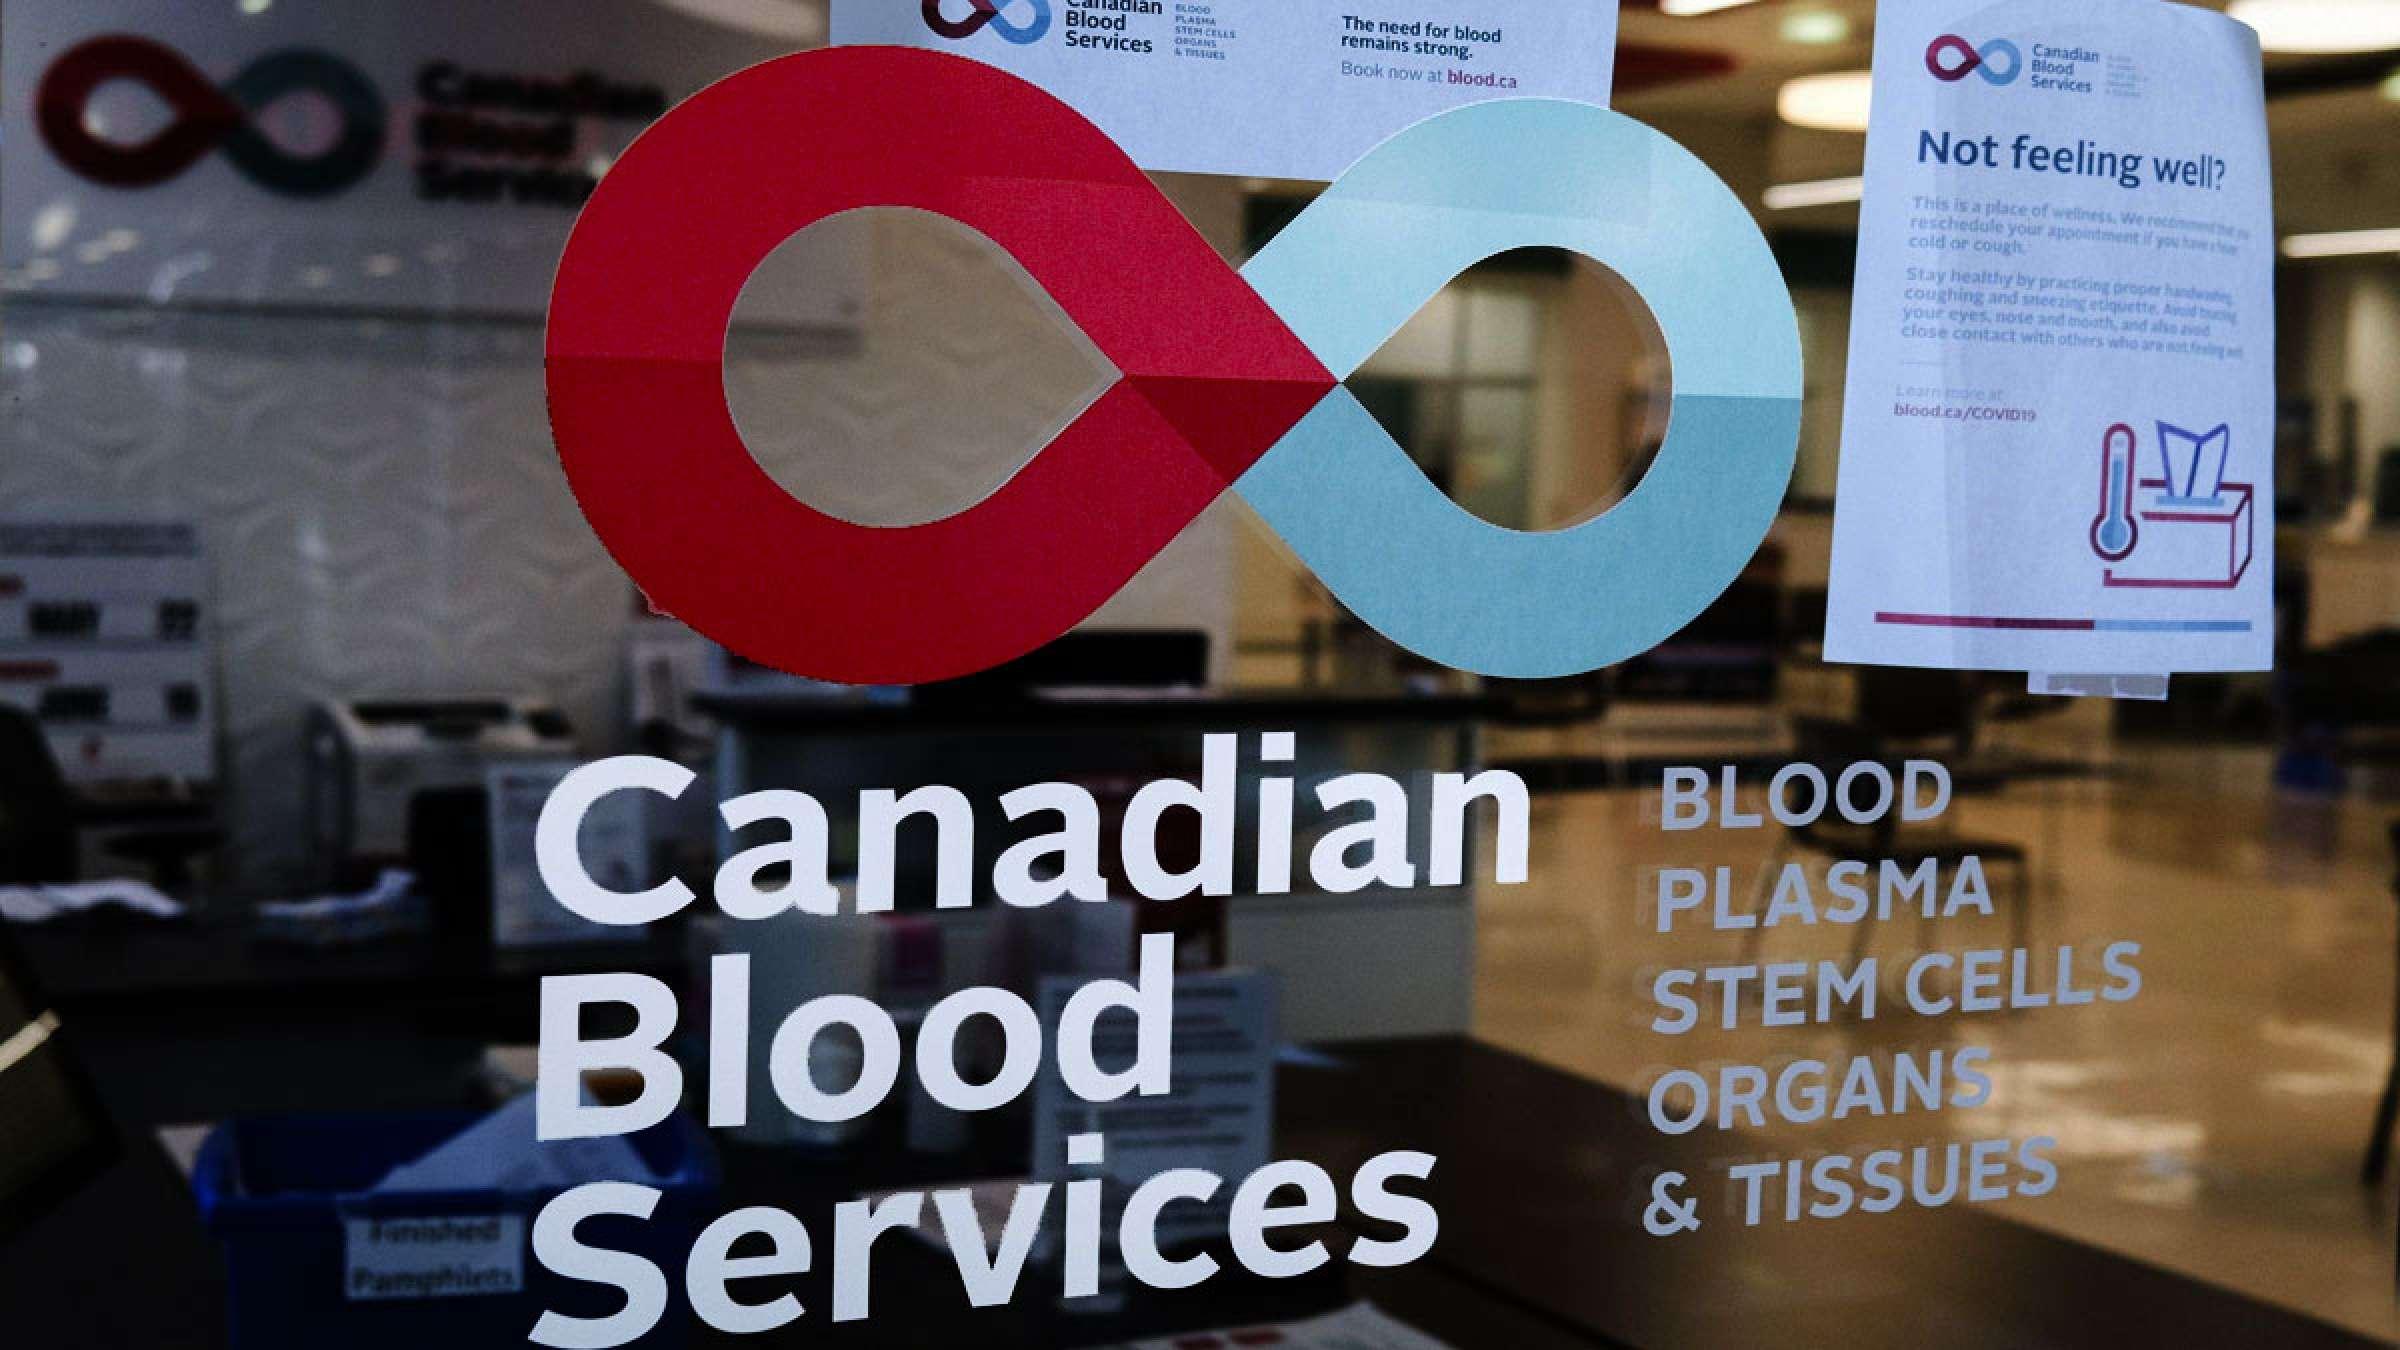 اخبار-کانادا-نیاز-به-اهدا-خون-دارد-اما-دادن-و-گرفتن-خون-در-کرونا-ایمن-است